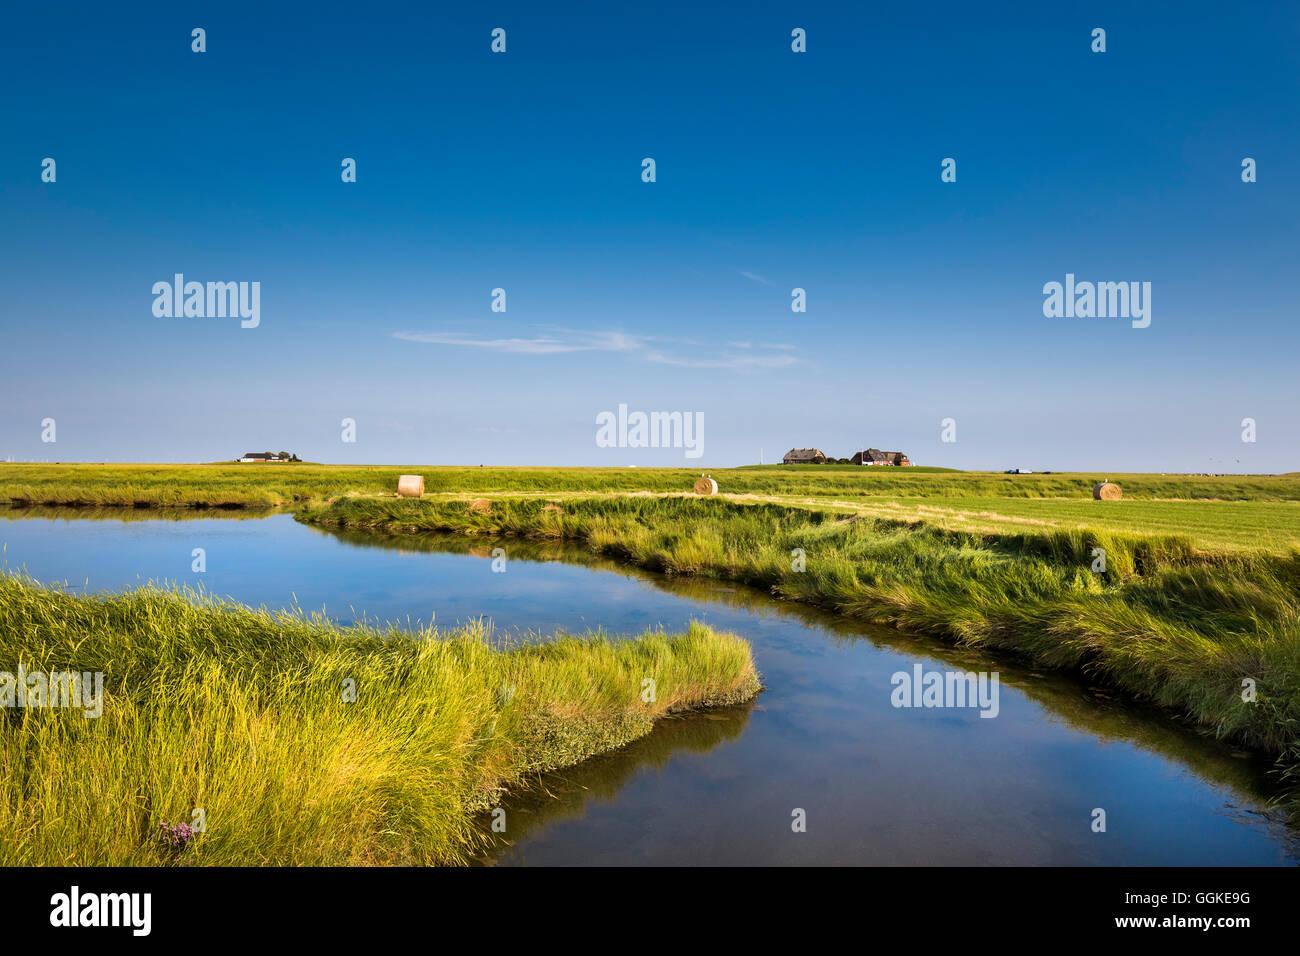 Salzwiesen und Wohnung Hügel, Hallig Langeness, Nordfriesischen Inseln, Schleswig-Holstein, Deutschland Stockbild